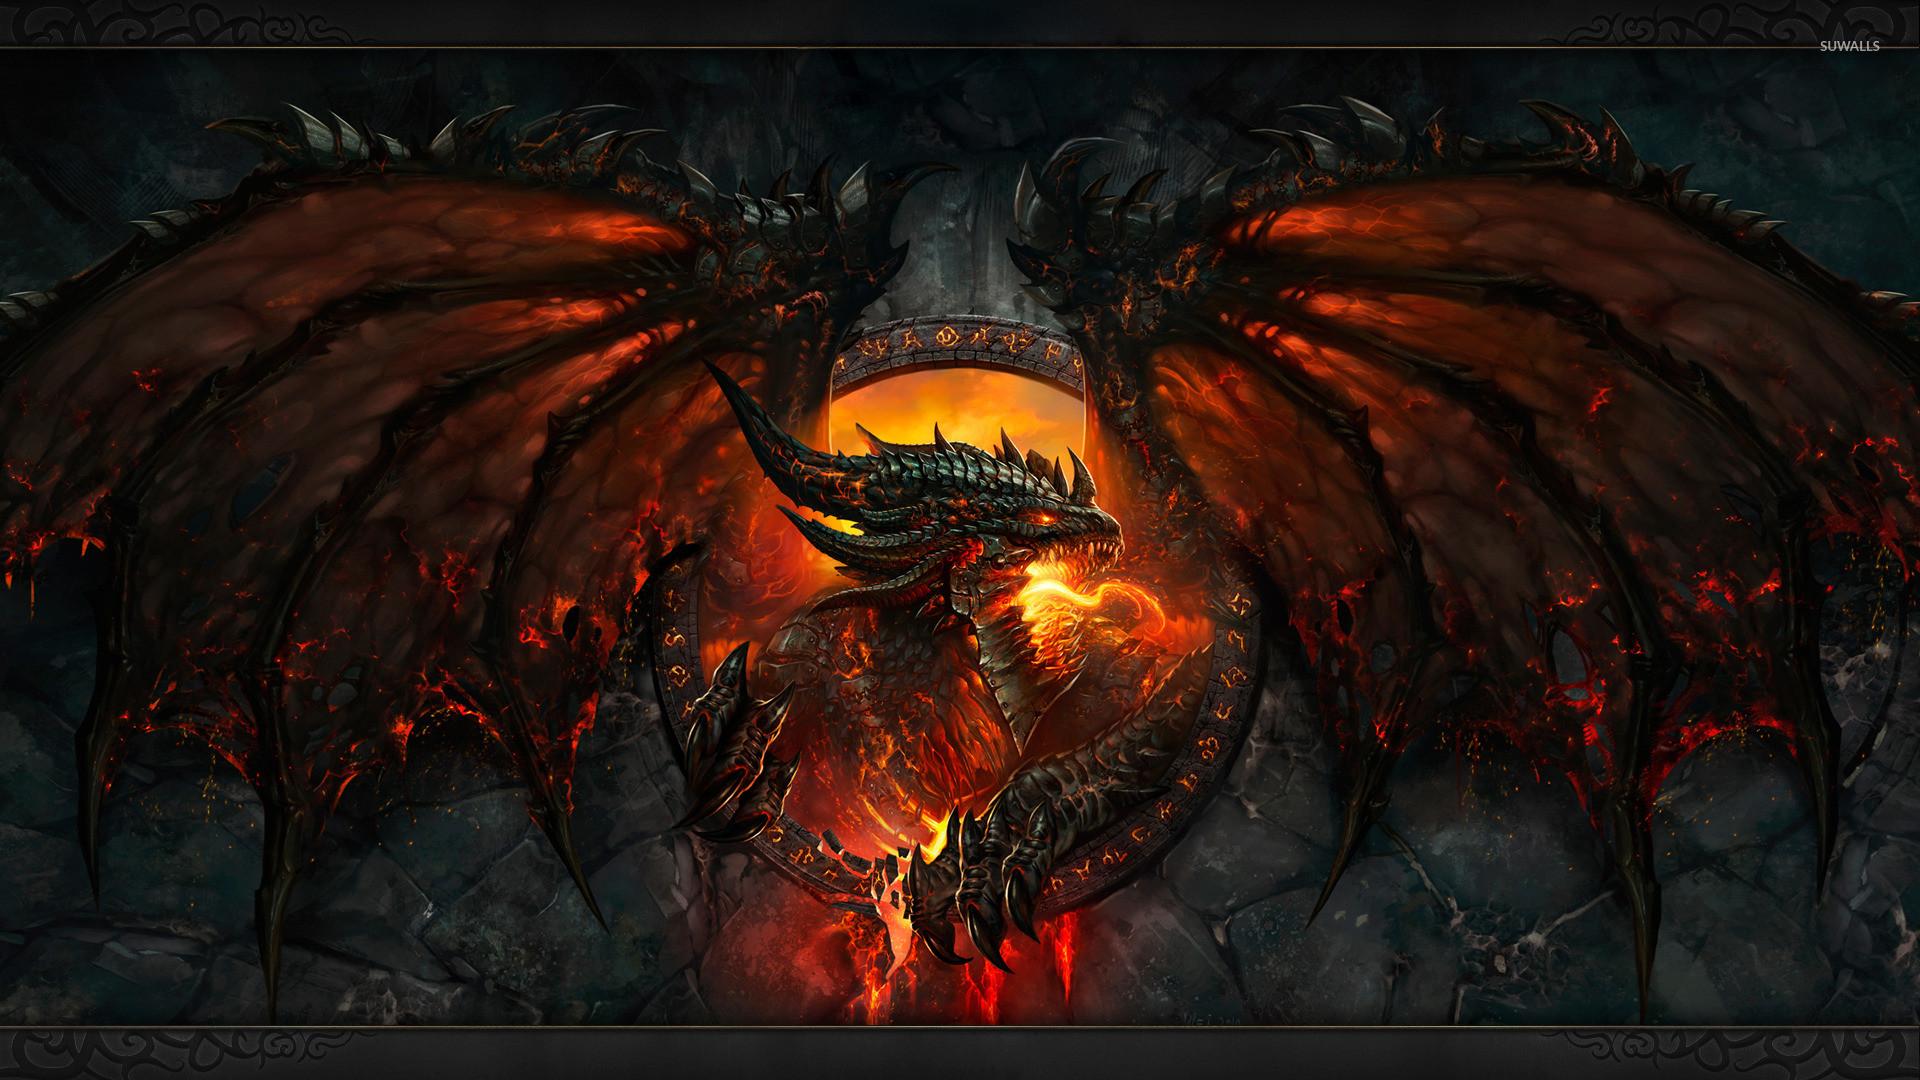 World of Warcraft: Cataclysm [4] wallpaper jpg